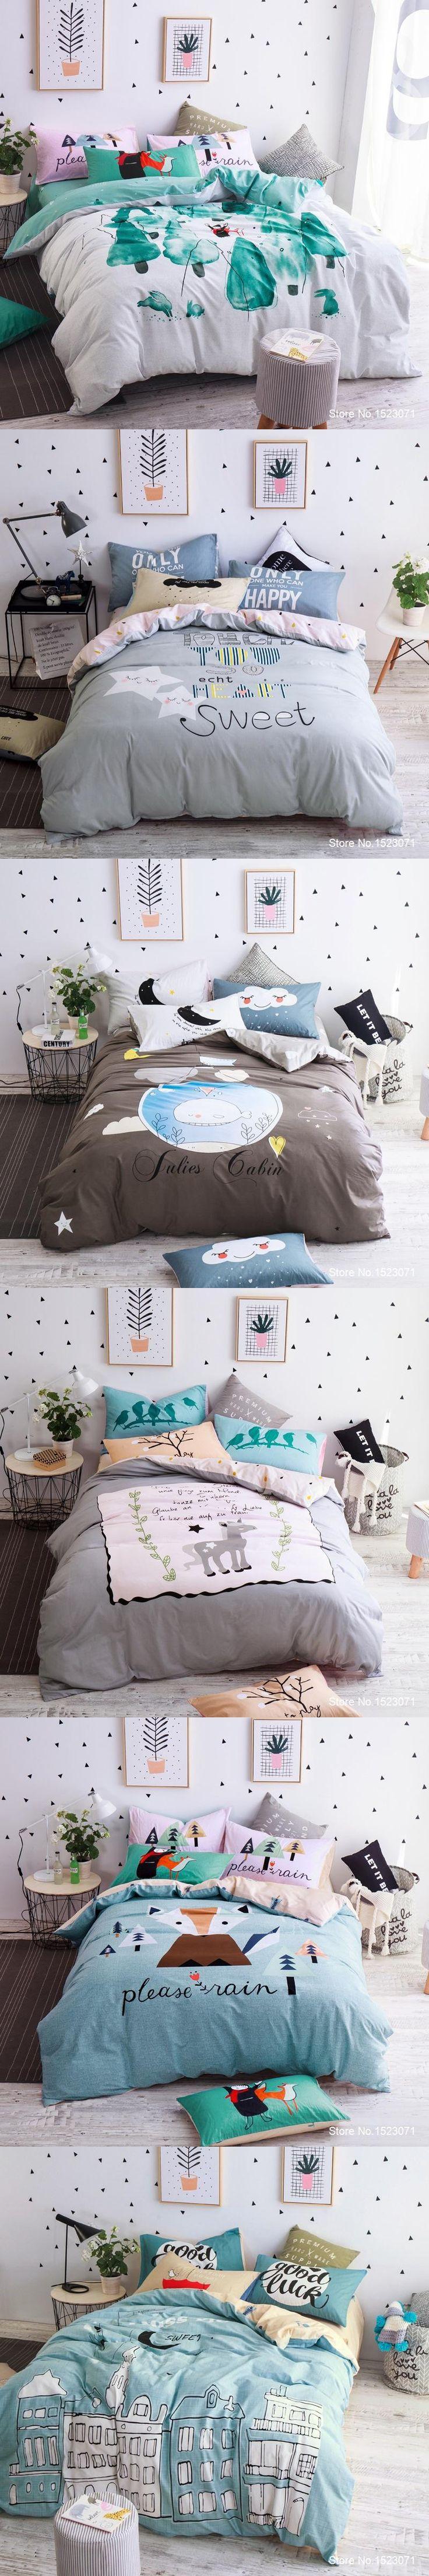 TUTUBIRD sweet stars love cartoon style boys girls bedding set cotton duvet cover sheet sets Queen Twin size children bed linens